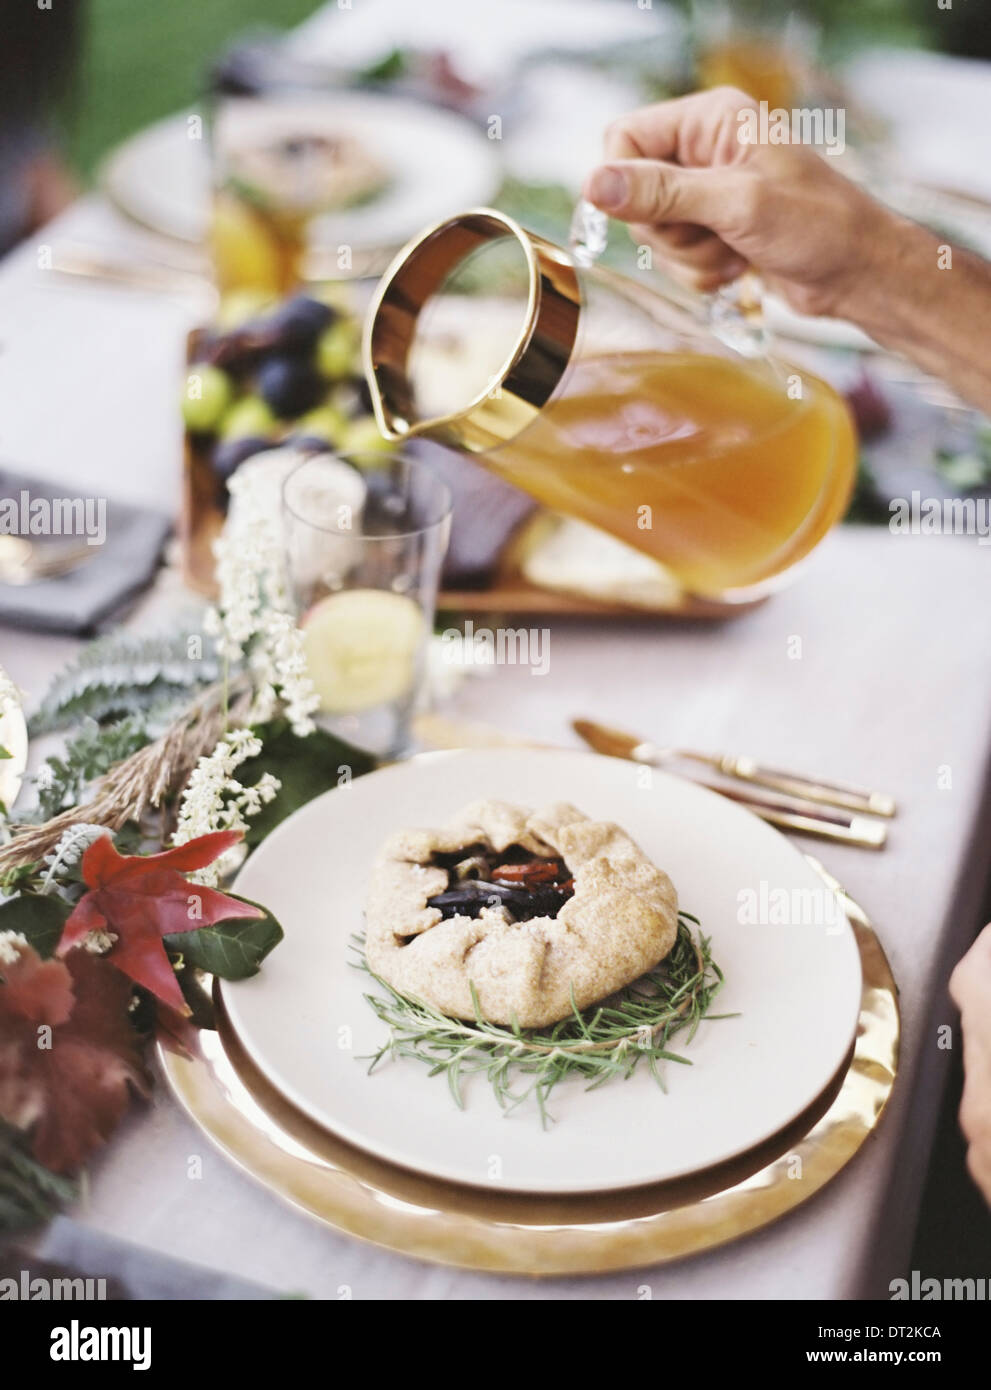 Eine Feier Mahlzeit mit gedeckten Tisch und grünen Dekorationen A Person Getränke in Gläser gießen Stockbild